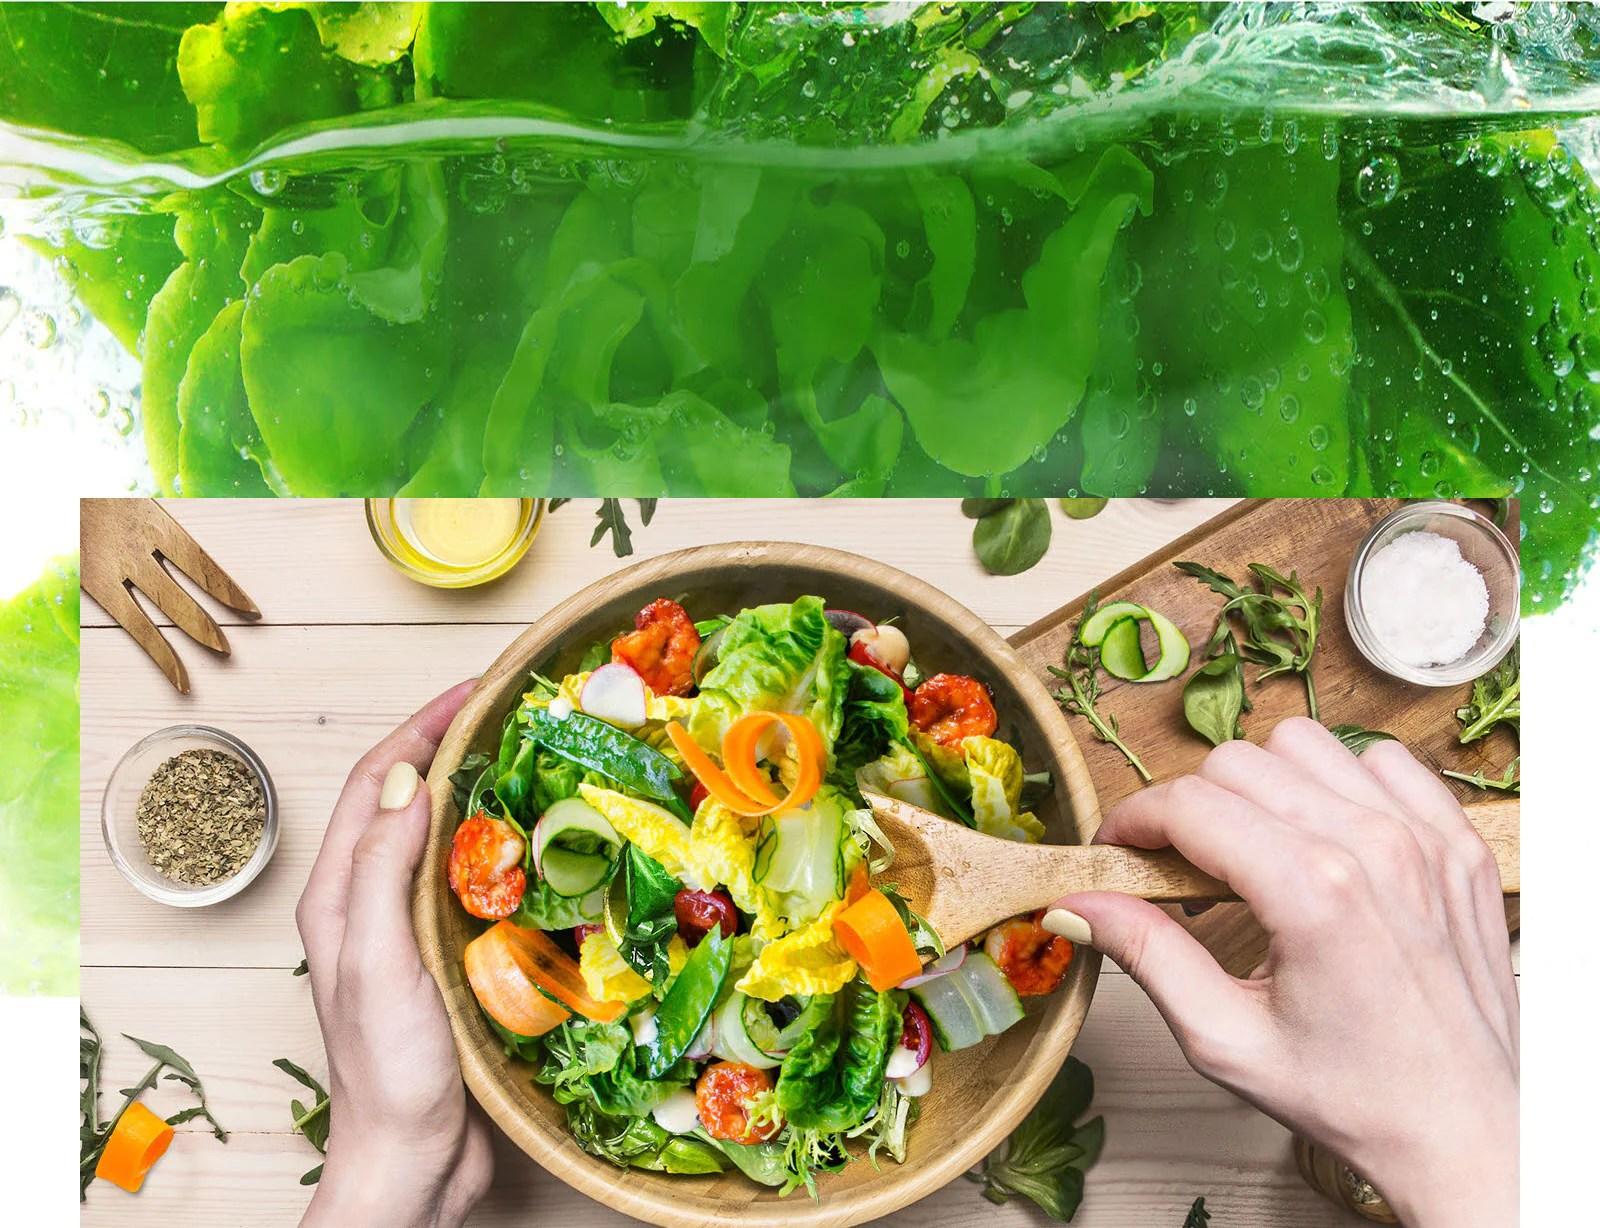 Mantén la comida fresca durante más tiempo1